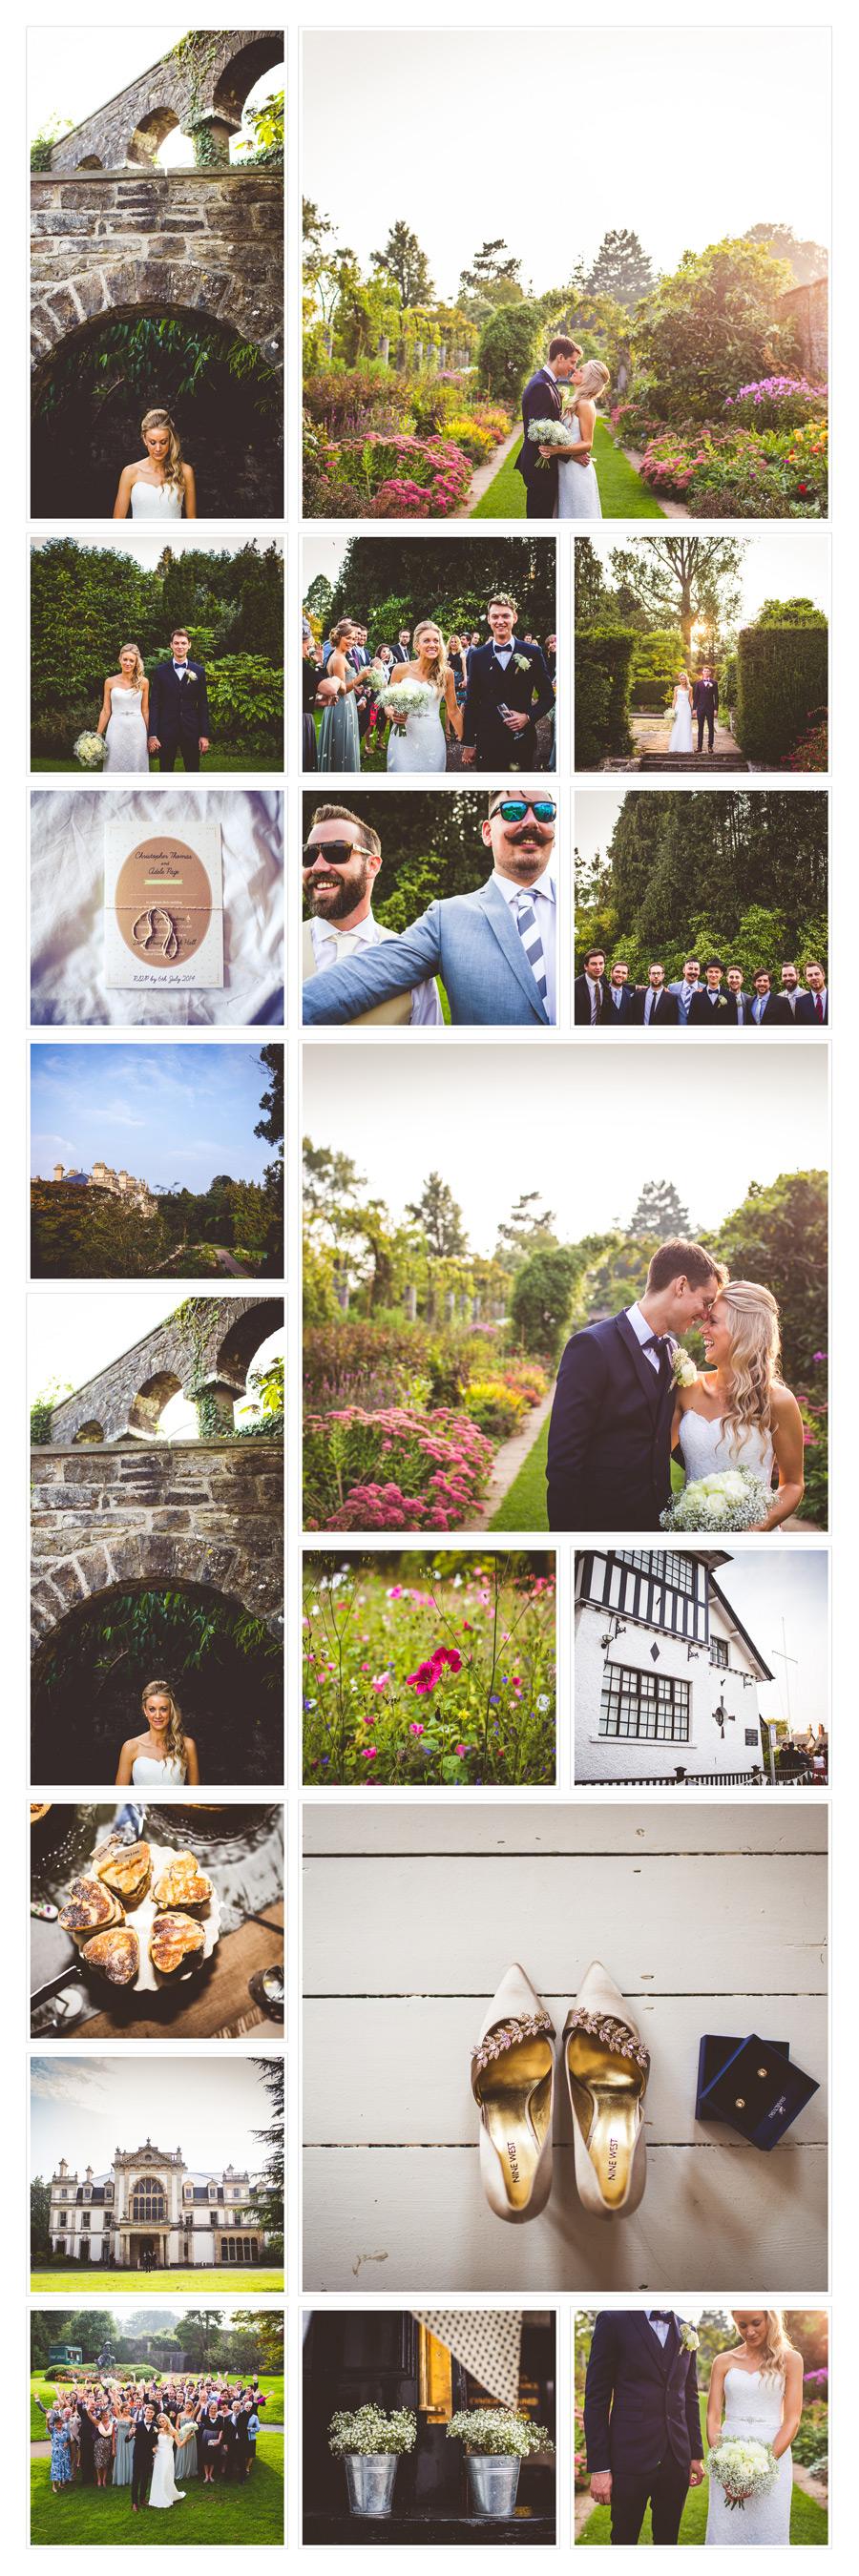 Wedding at Dyffryn House and Gardens, near Cardiff, South Wales